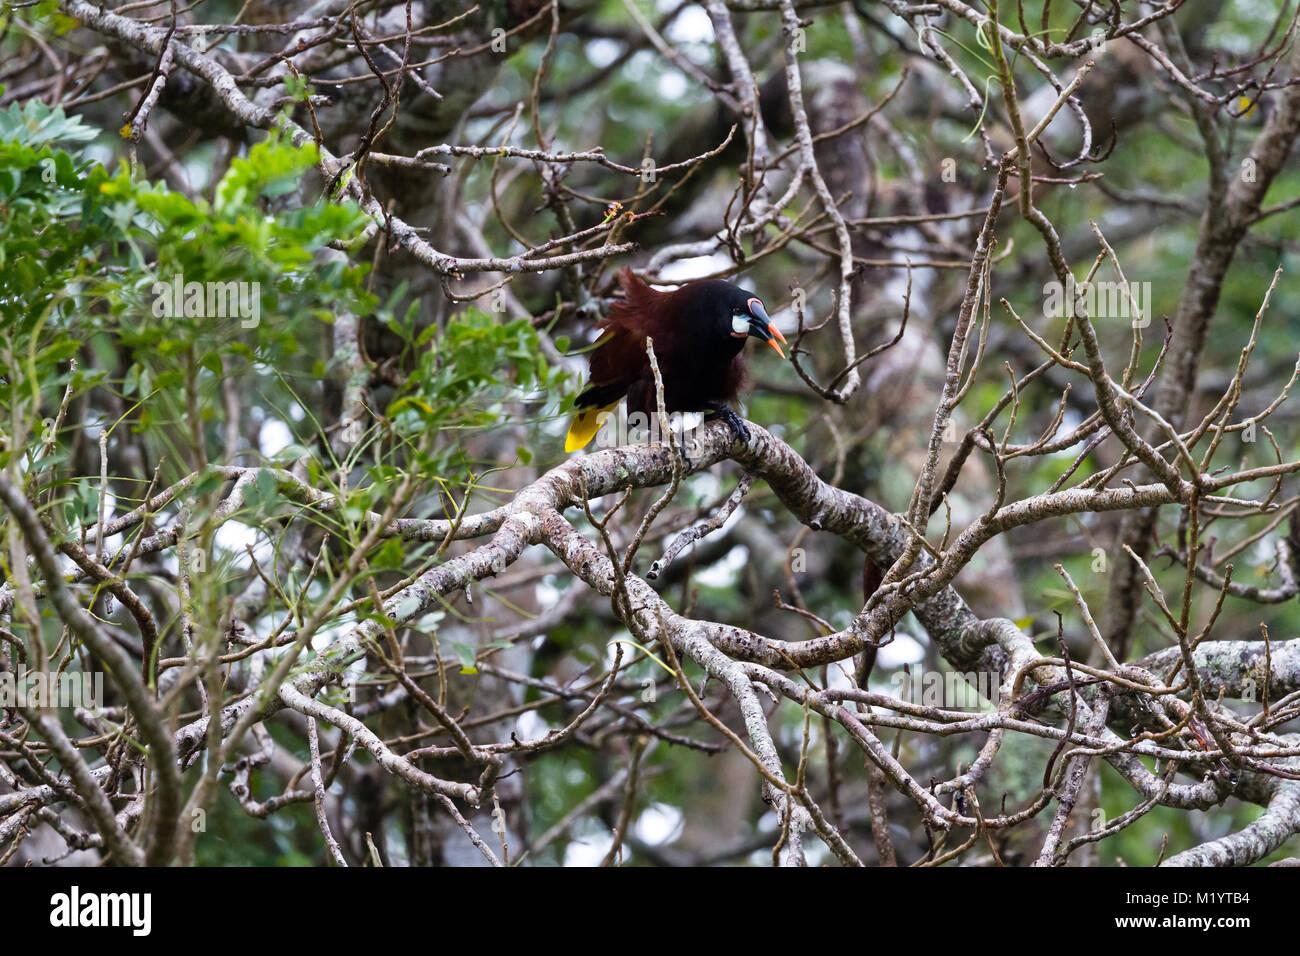 black oropendola perched on a jocote tree in Costa Rica - Stock Image